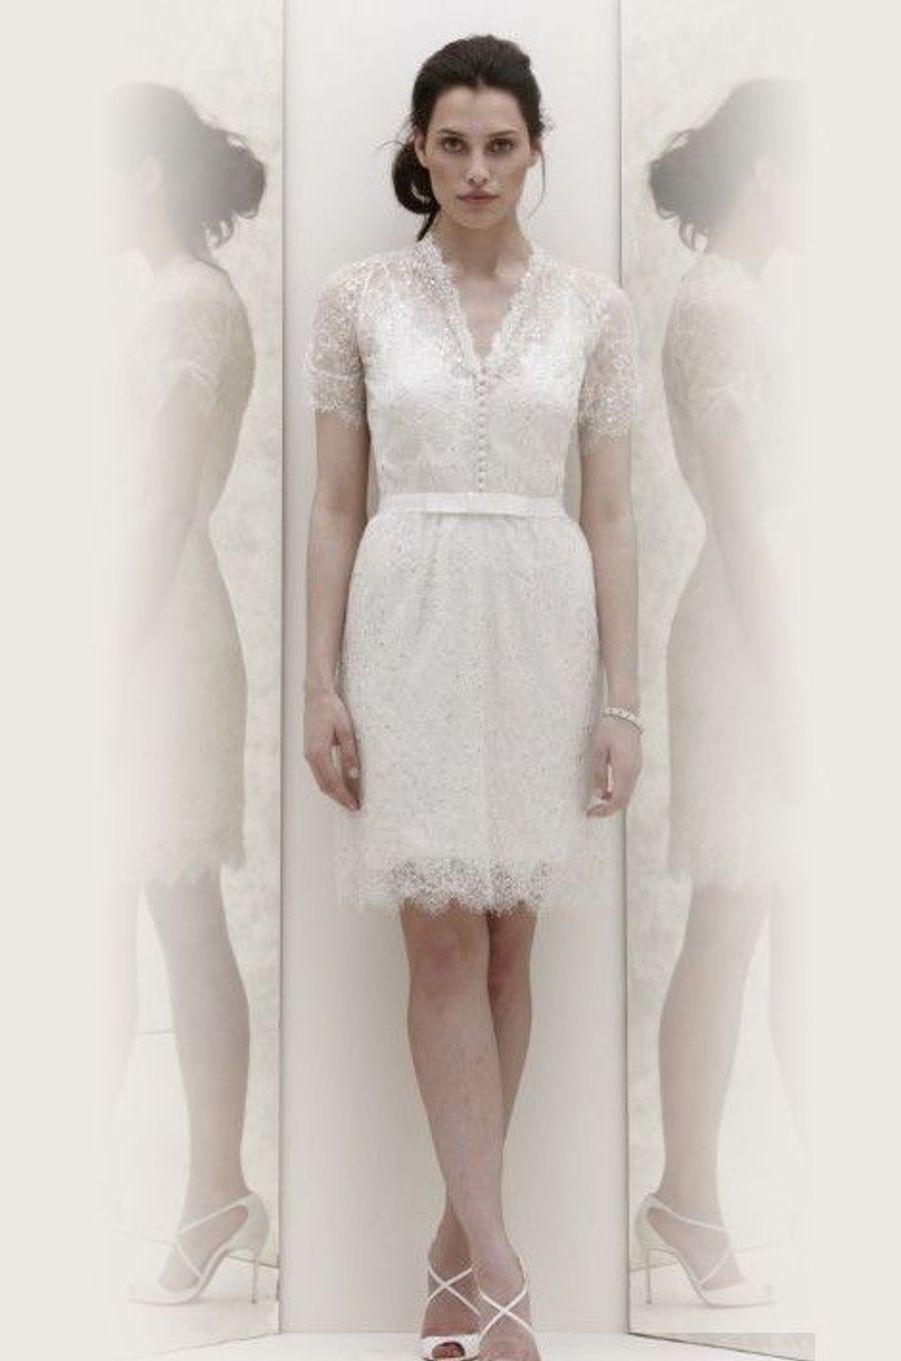 La créatrice anglaise qui a bâti sa renommée sur ses robes de mariée a parié ici sur le court. Les mariée sont invitées à montrer leurs jambes et en été, rien de plus facile!